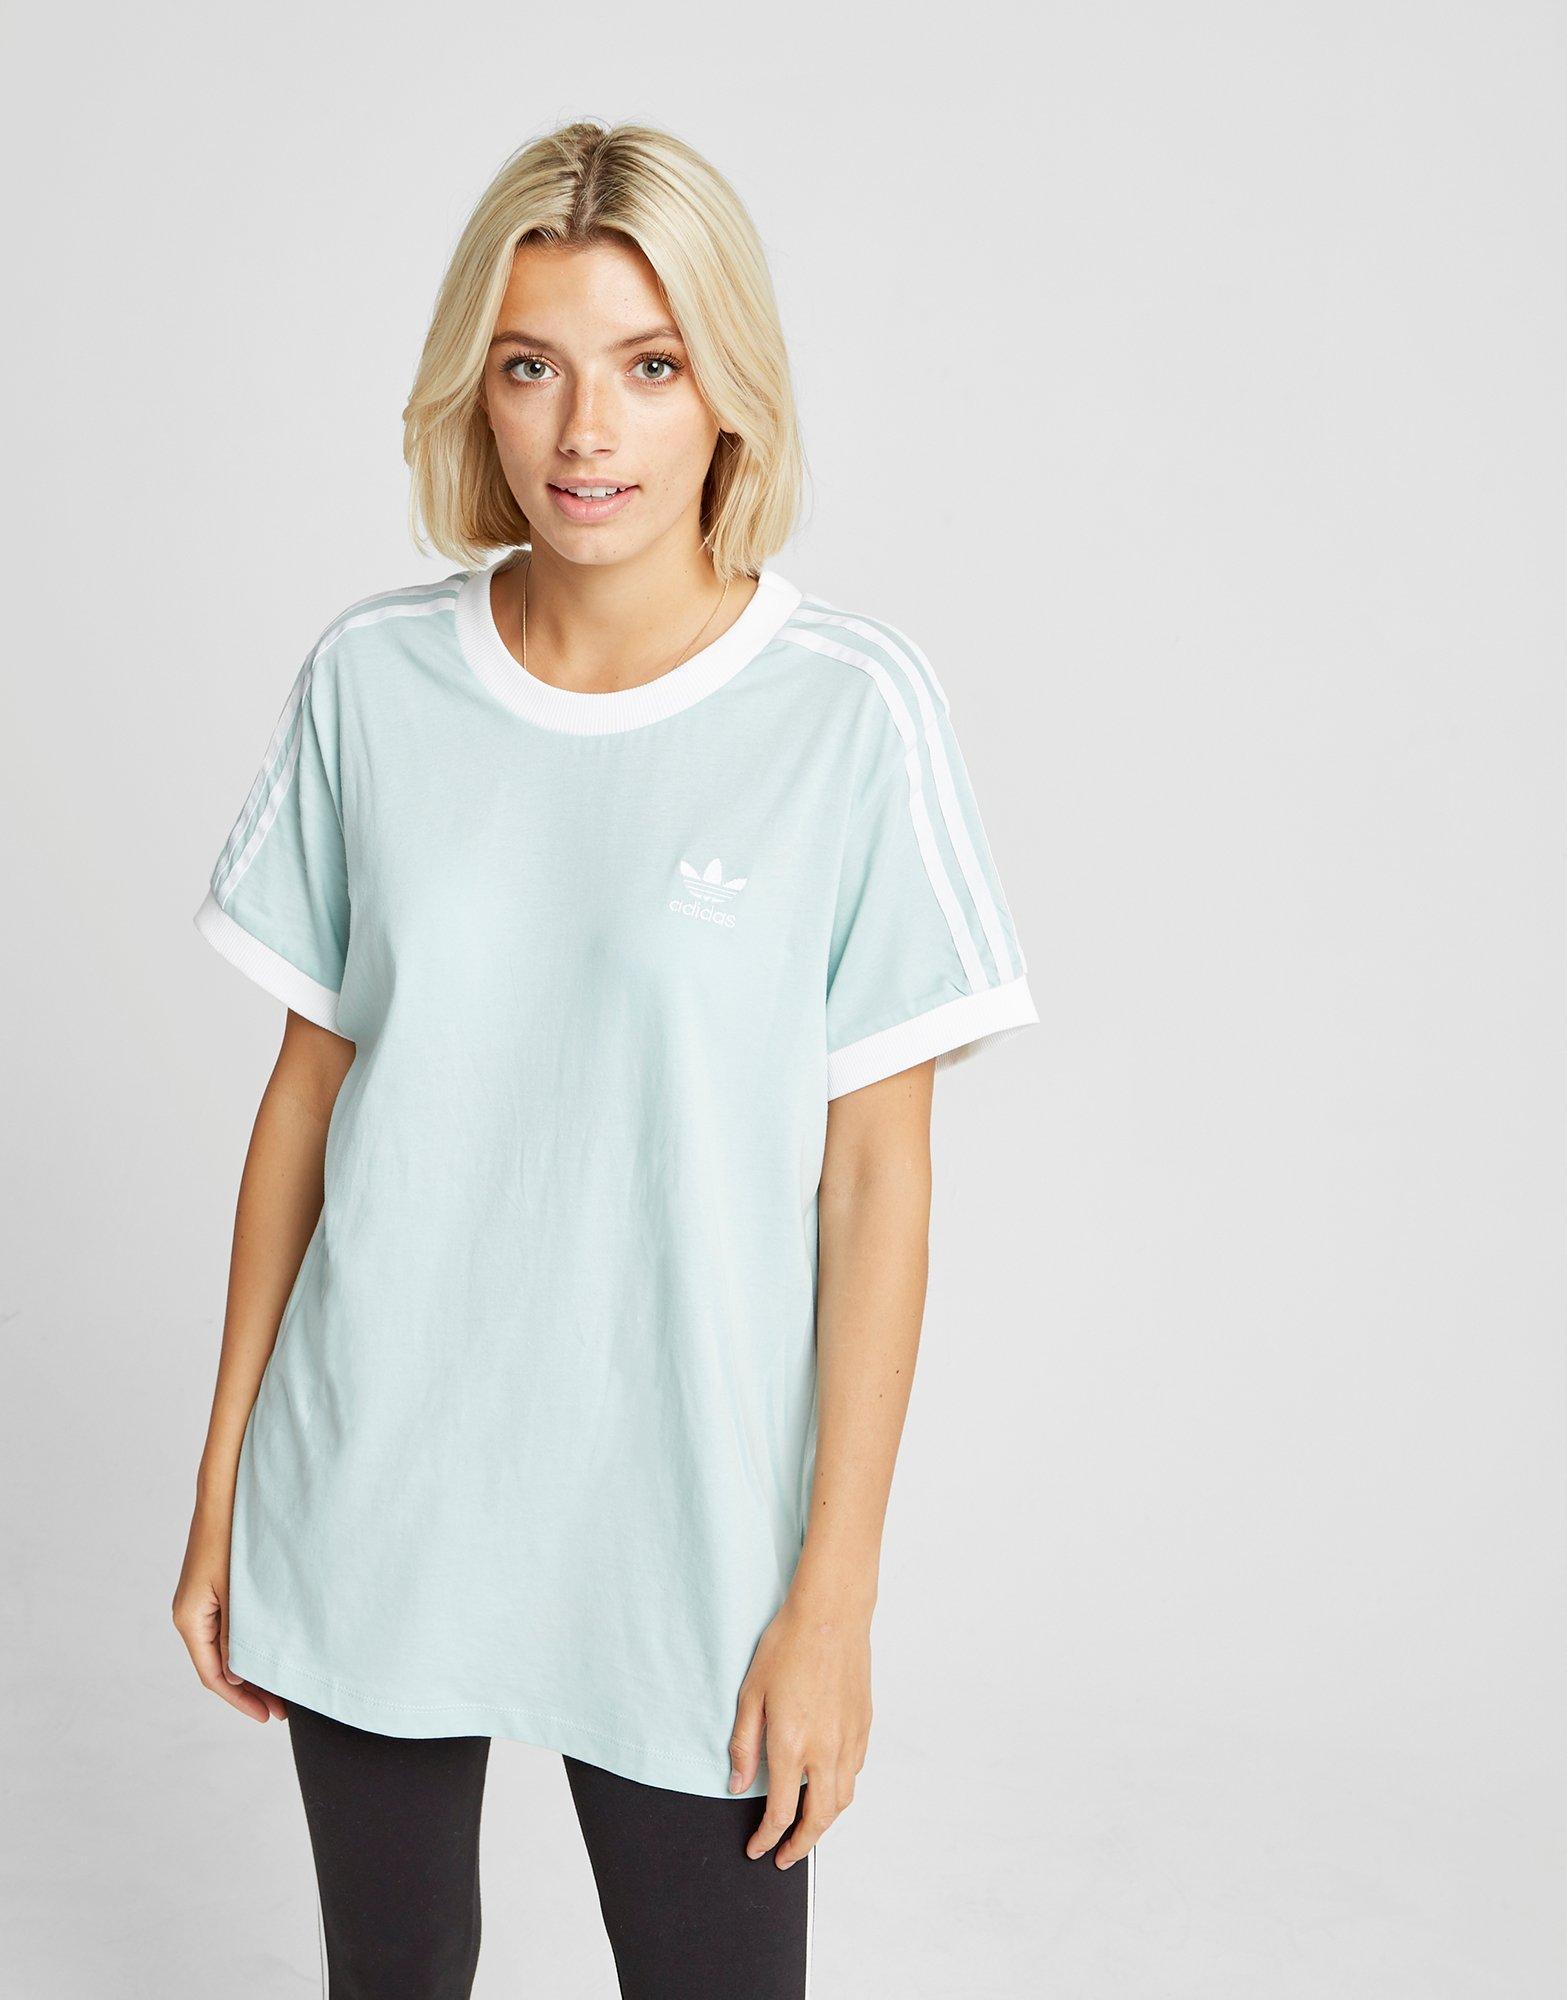 Gatorade Pas Vert Original Adidas Shirt Vente T Chers Femme Daim 1WwaXX8qR 4e1108f63879